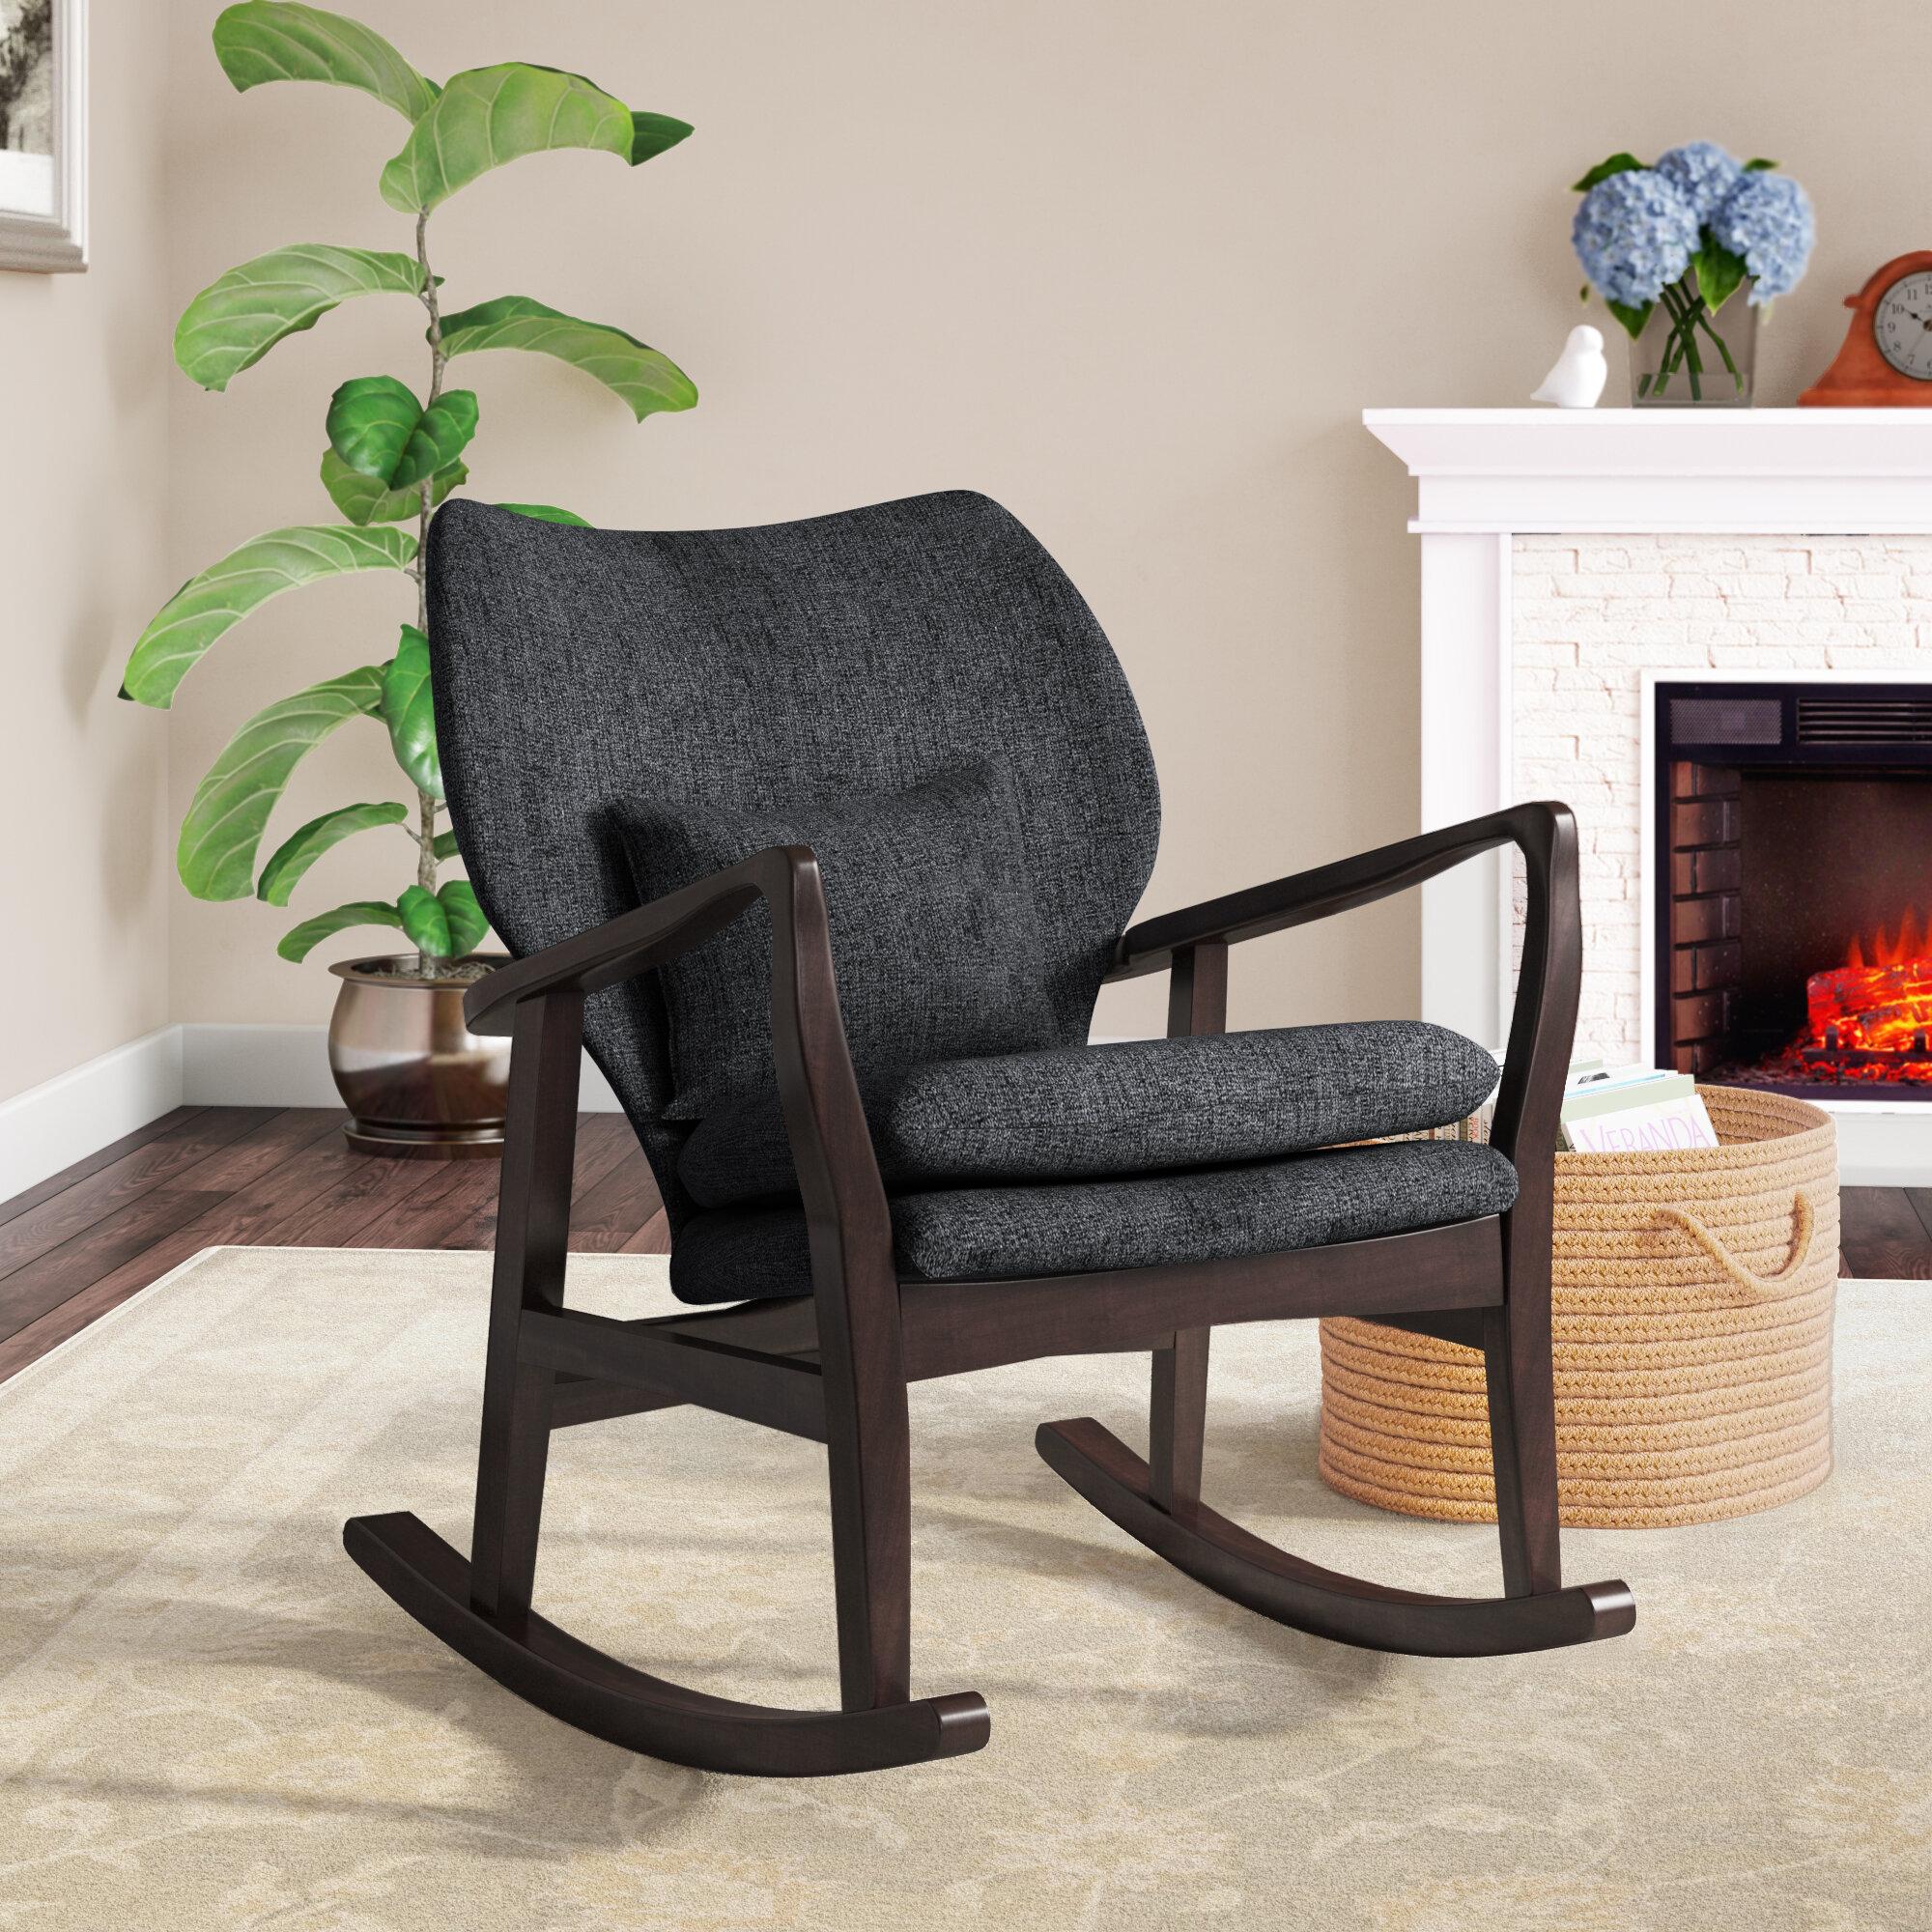 Remarkable Laurel Foundry Modern Farmhouse Quamba Rocking Chair Short Links Chair Design For Home Short Linksinfo